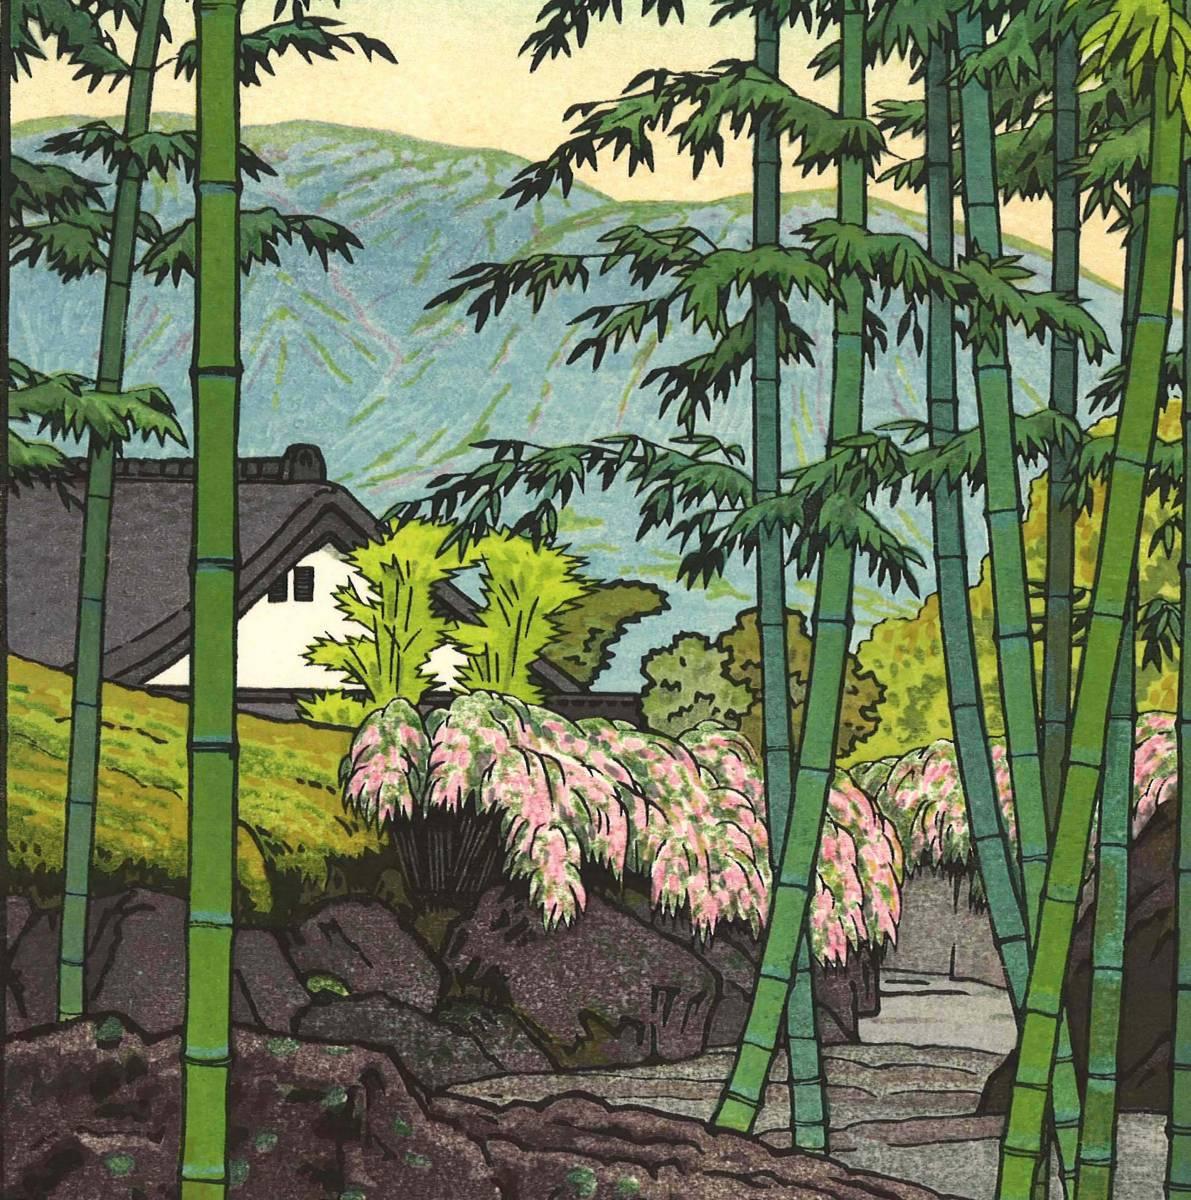 吉田遠志 木版画 015402 箱根神仙郷 竹のお庭 (Bamboo Garden,Hakone Museum) 初摺1954年  最高峰の摺師の技をご堪能下さい!!_画像9